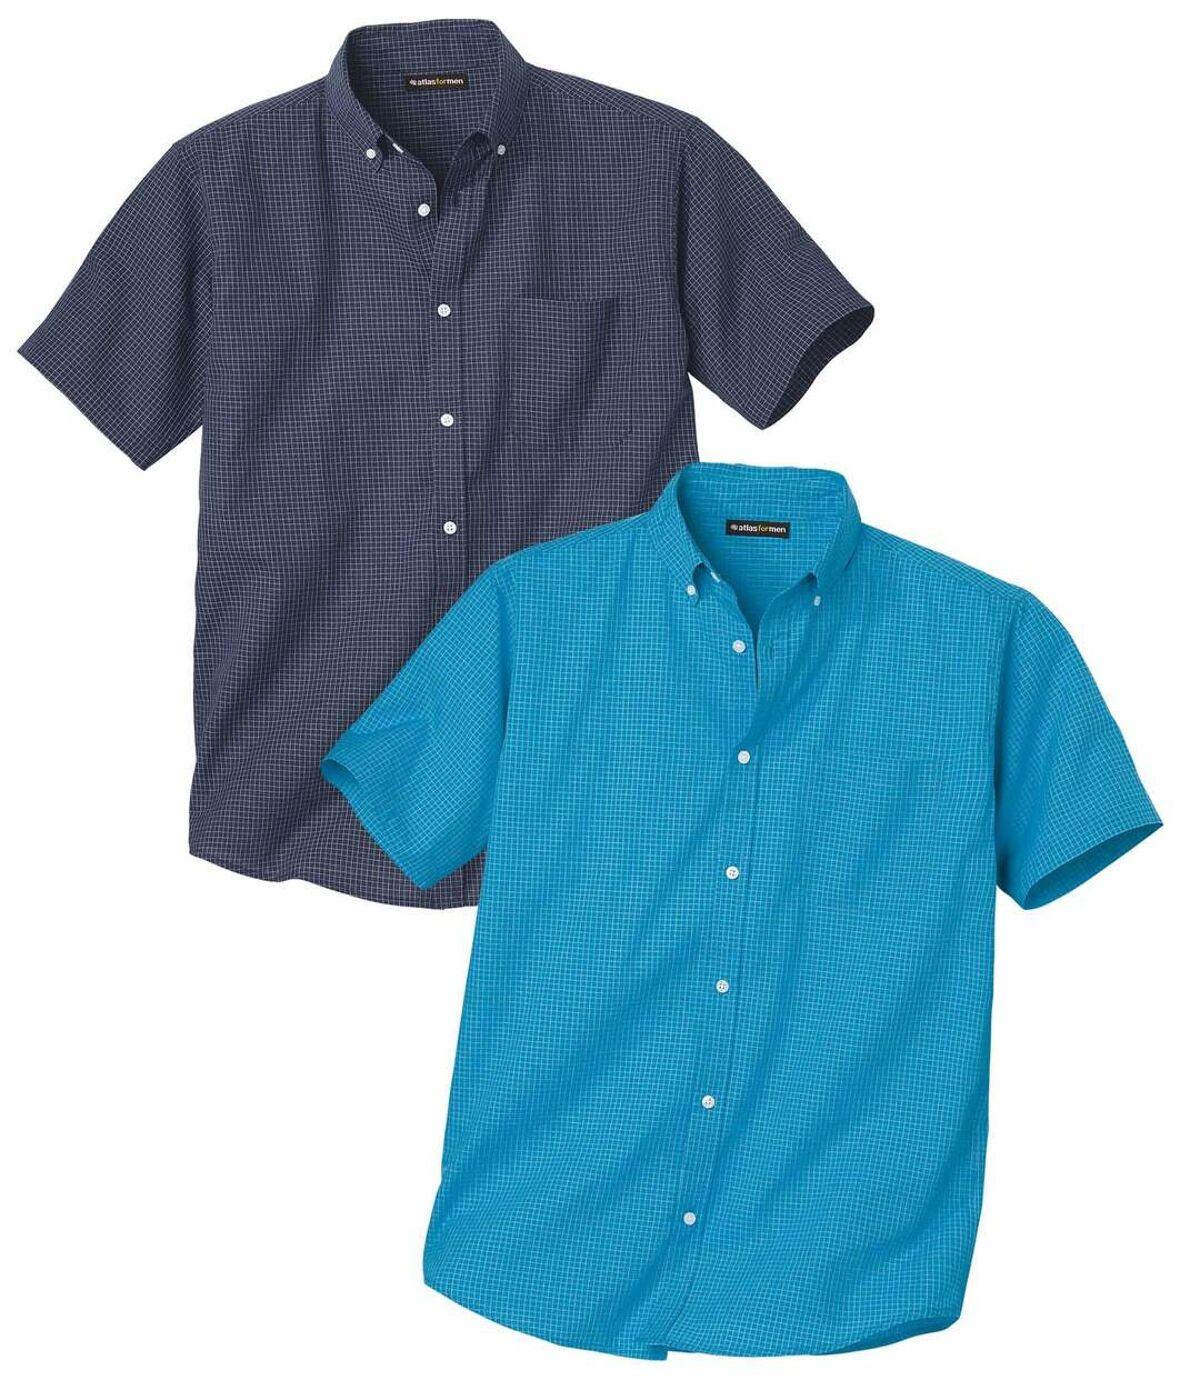 2er-Pack karierte Hemden Blue Sky Atlas For Men